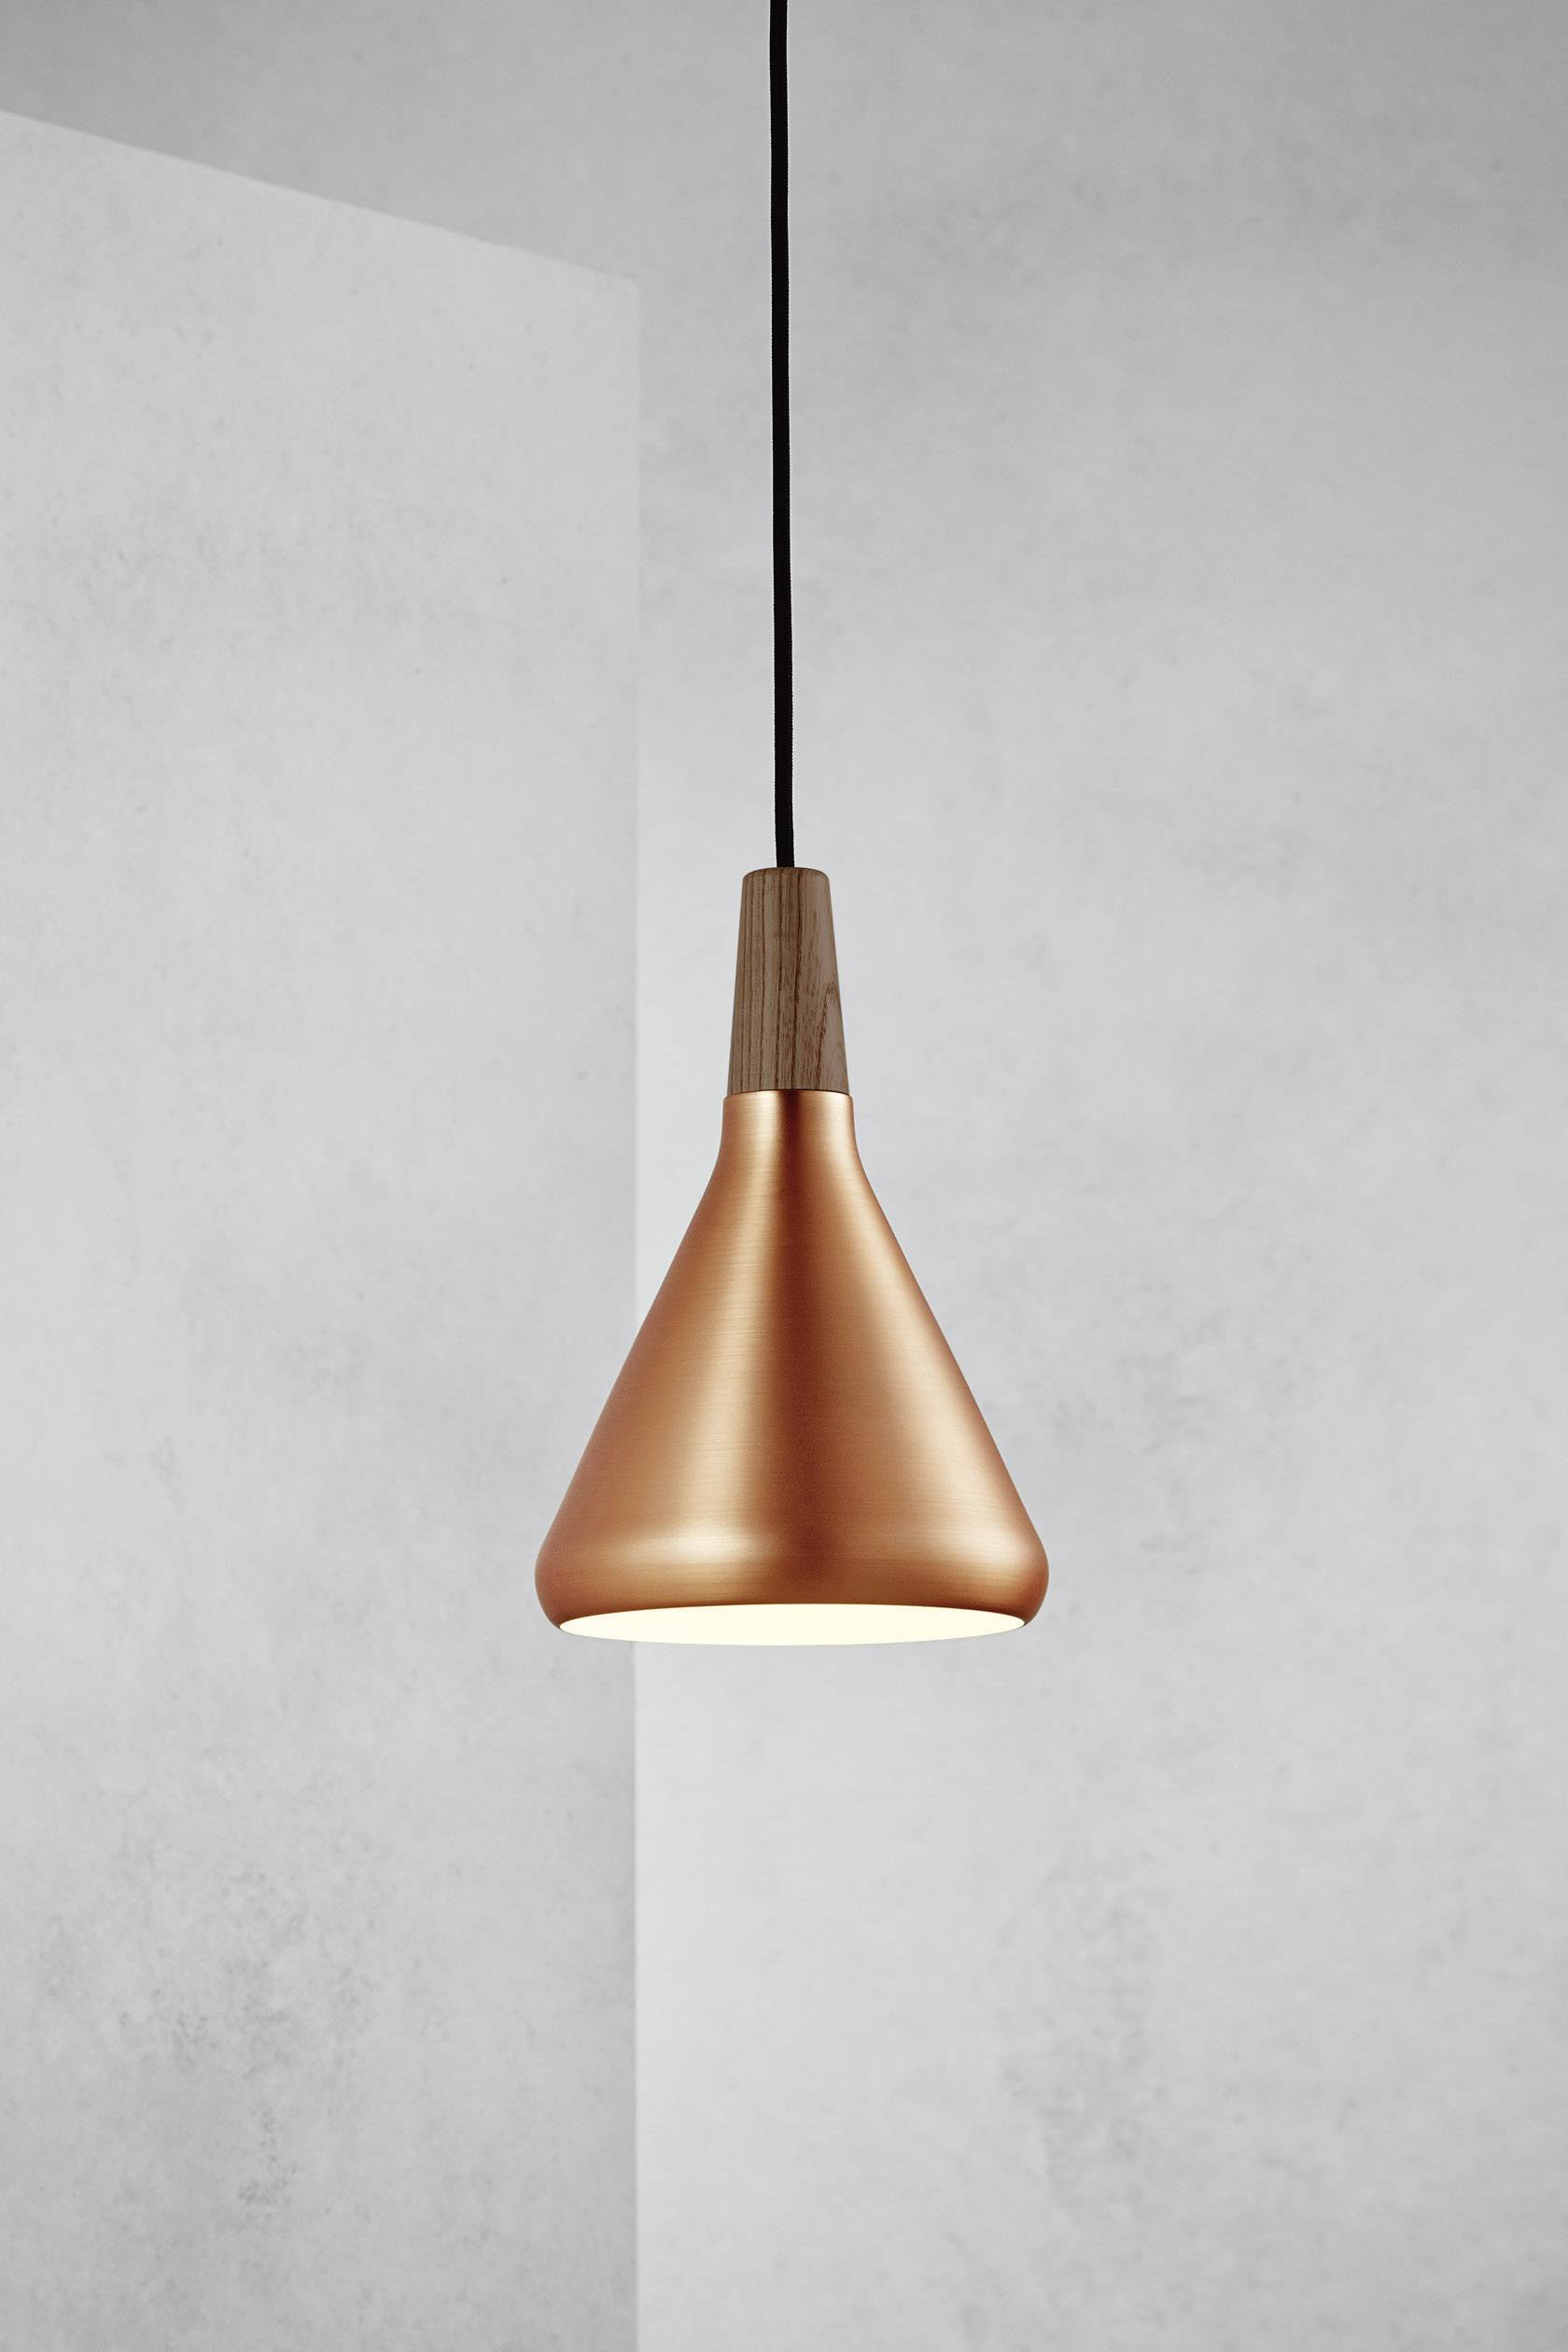 Závesné svietidlo halogénová žiarovka Nordlux Float 18 78203030, E27, 60 W, meď